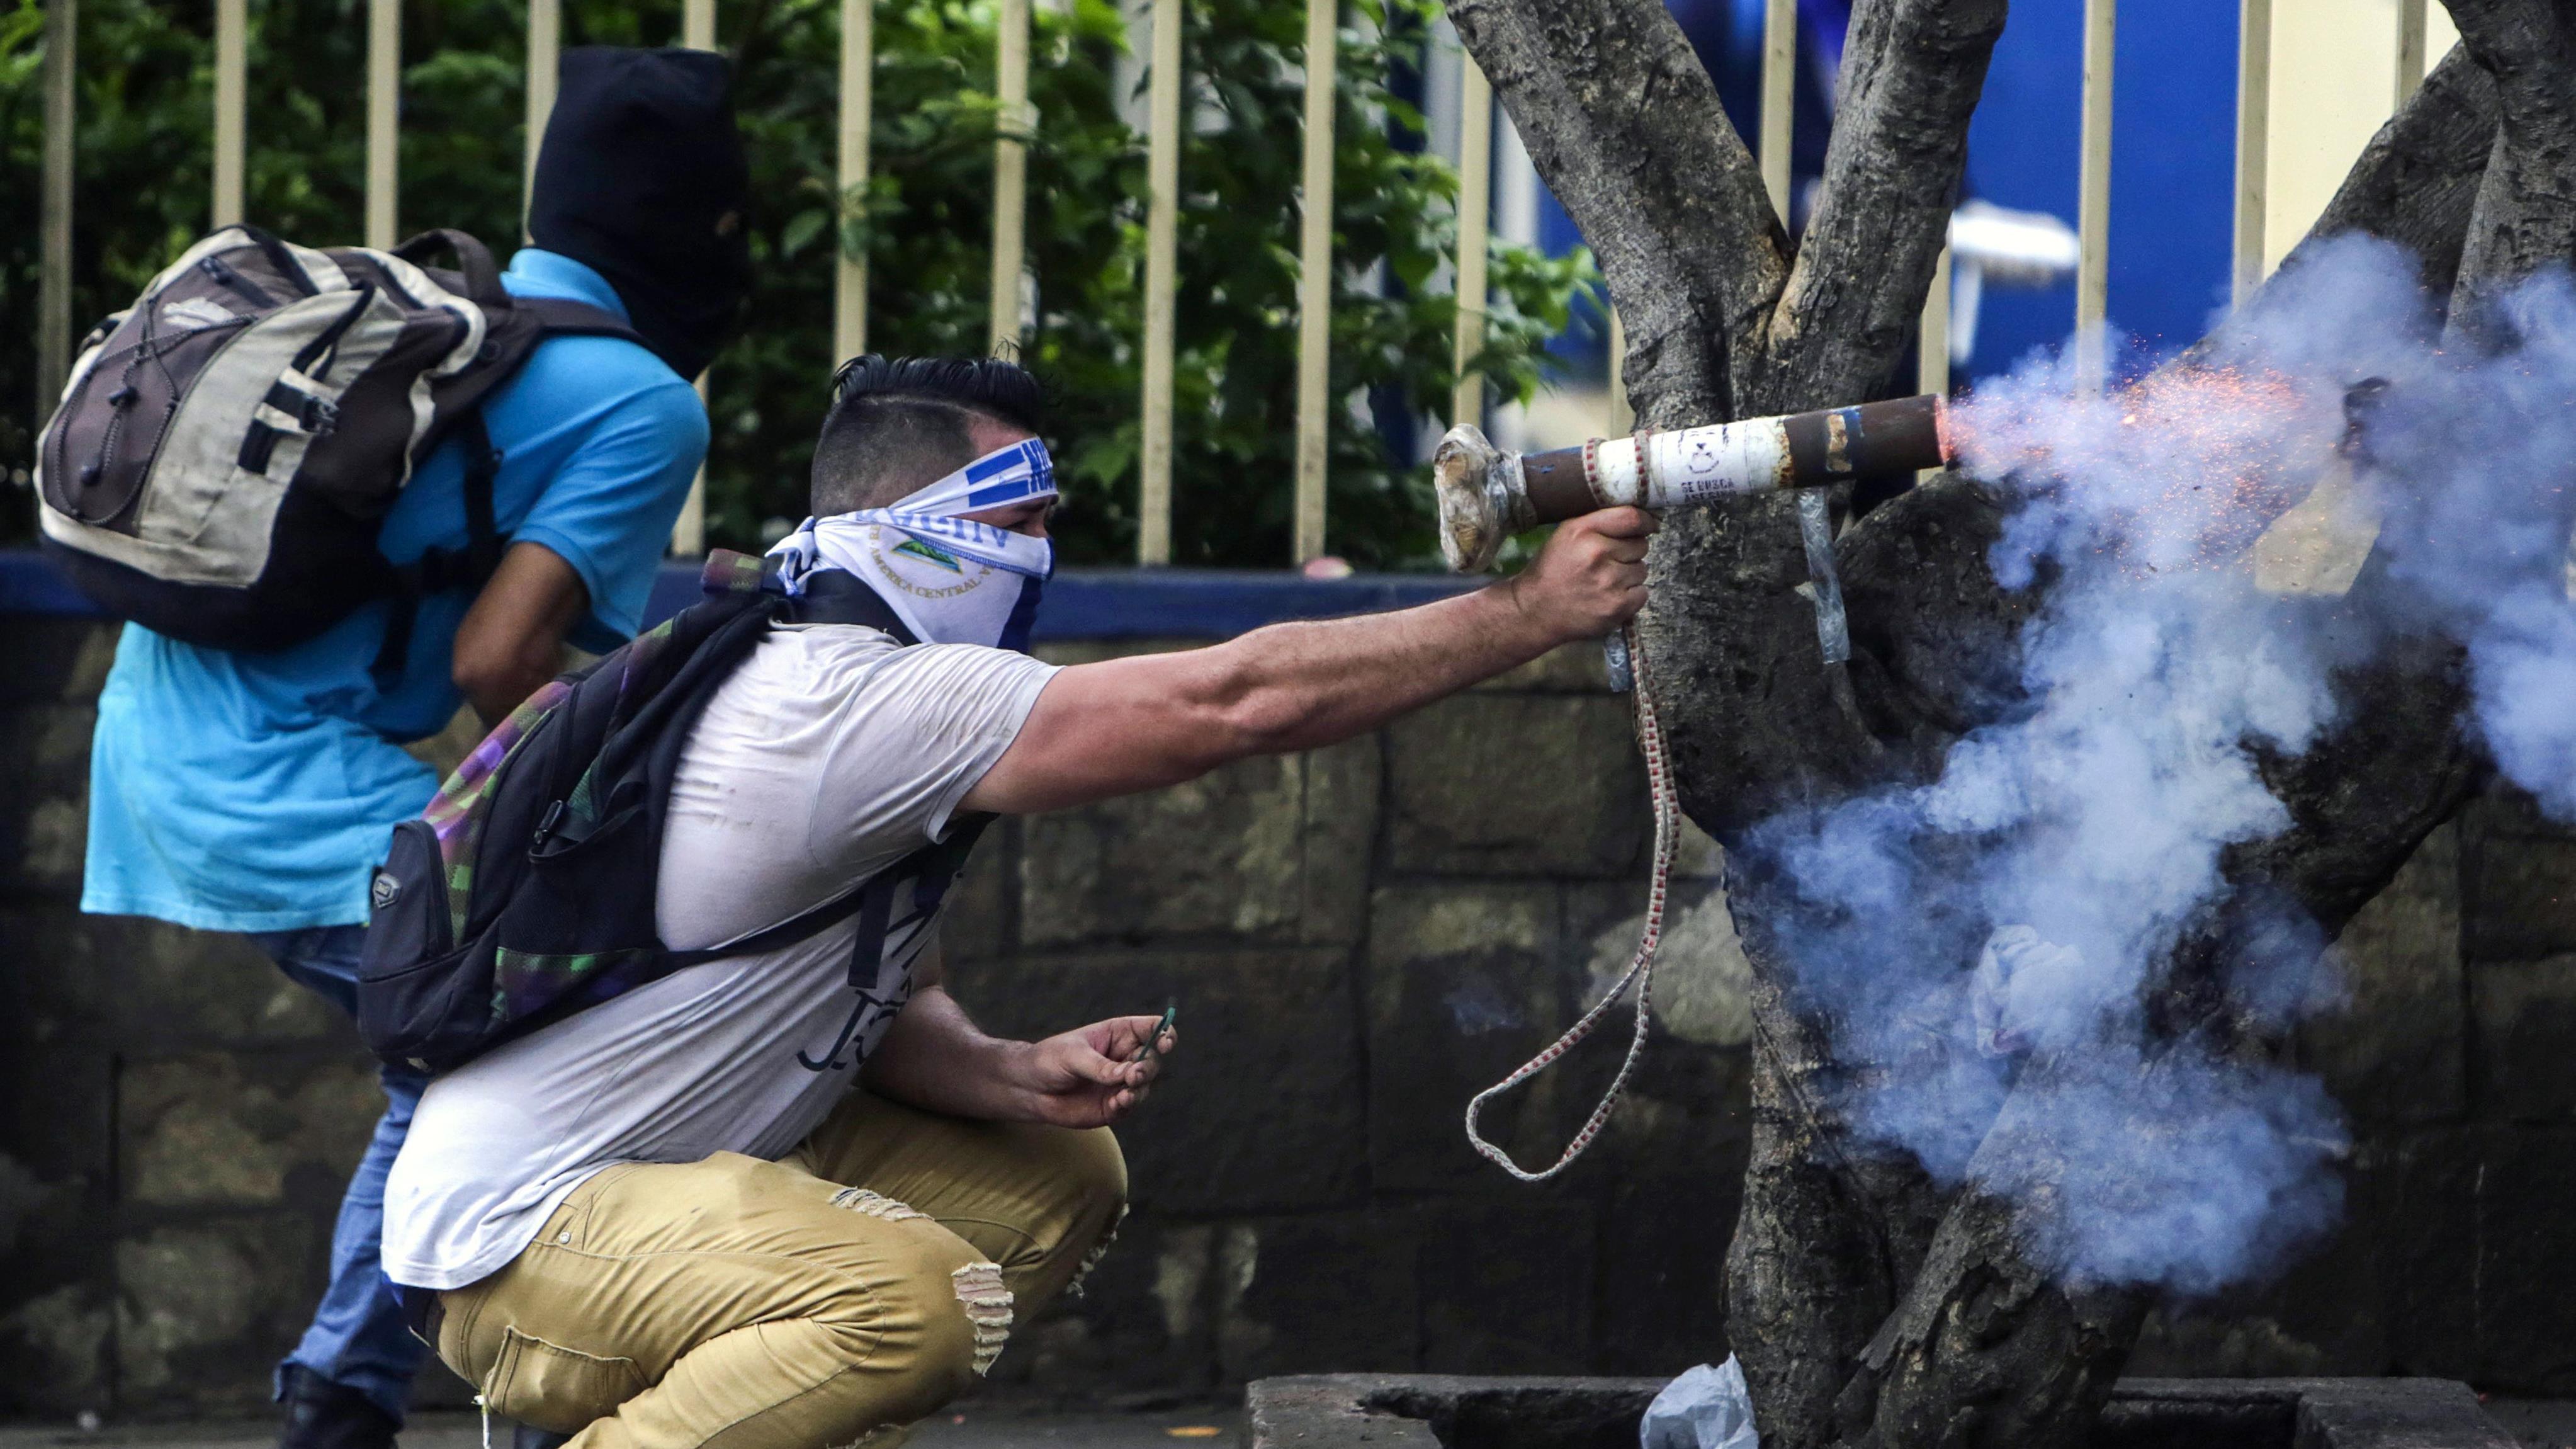 Daniel Ortega compara prácticas violentas de la oposición con el ISIS